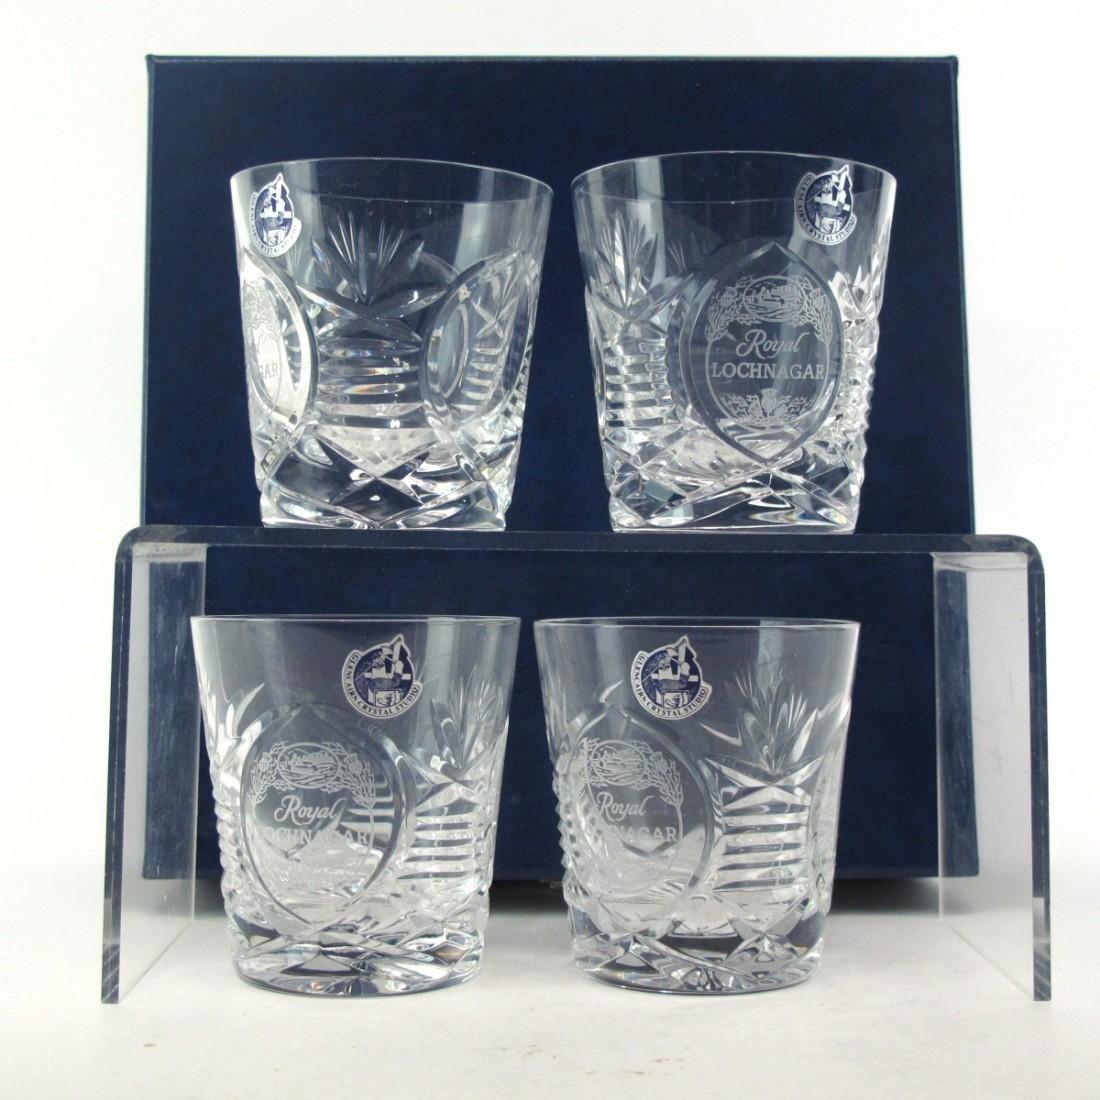 Royal Lochnagar Crystal Glasses x 4